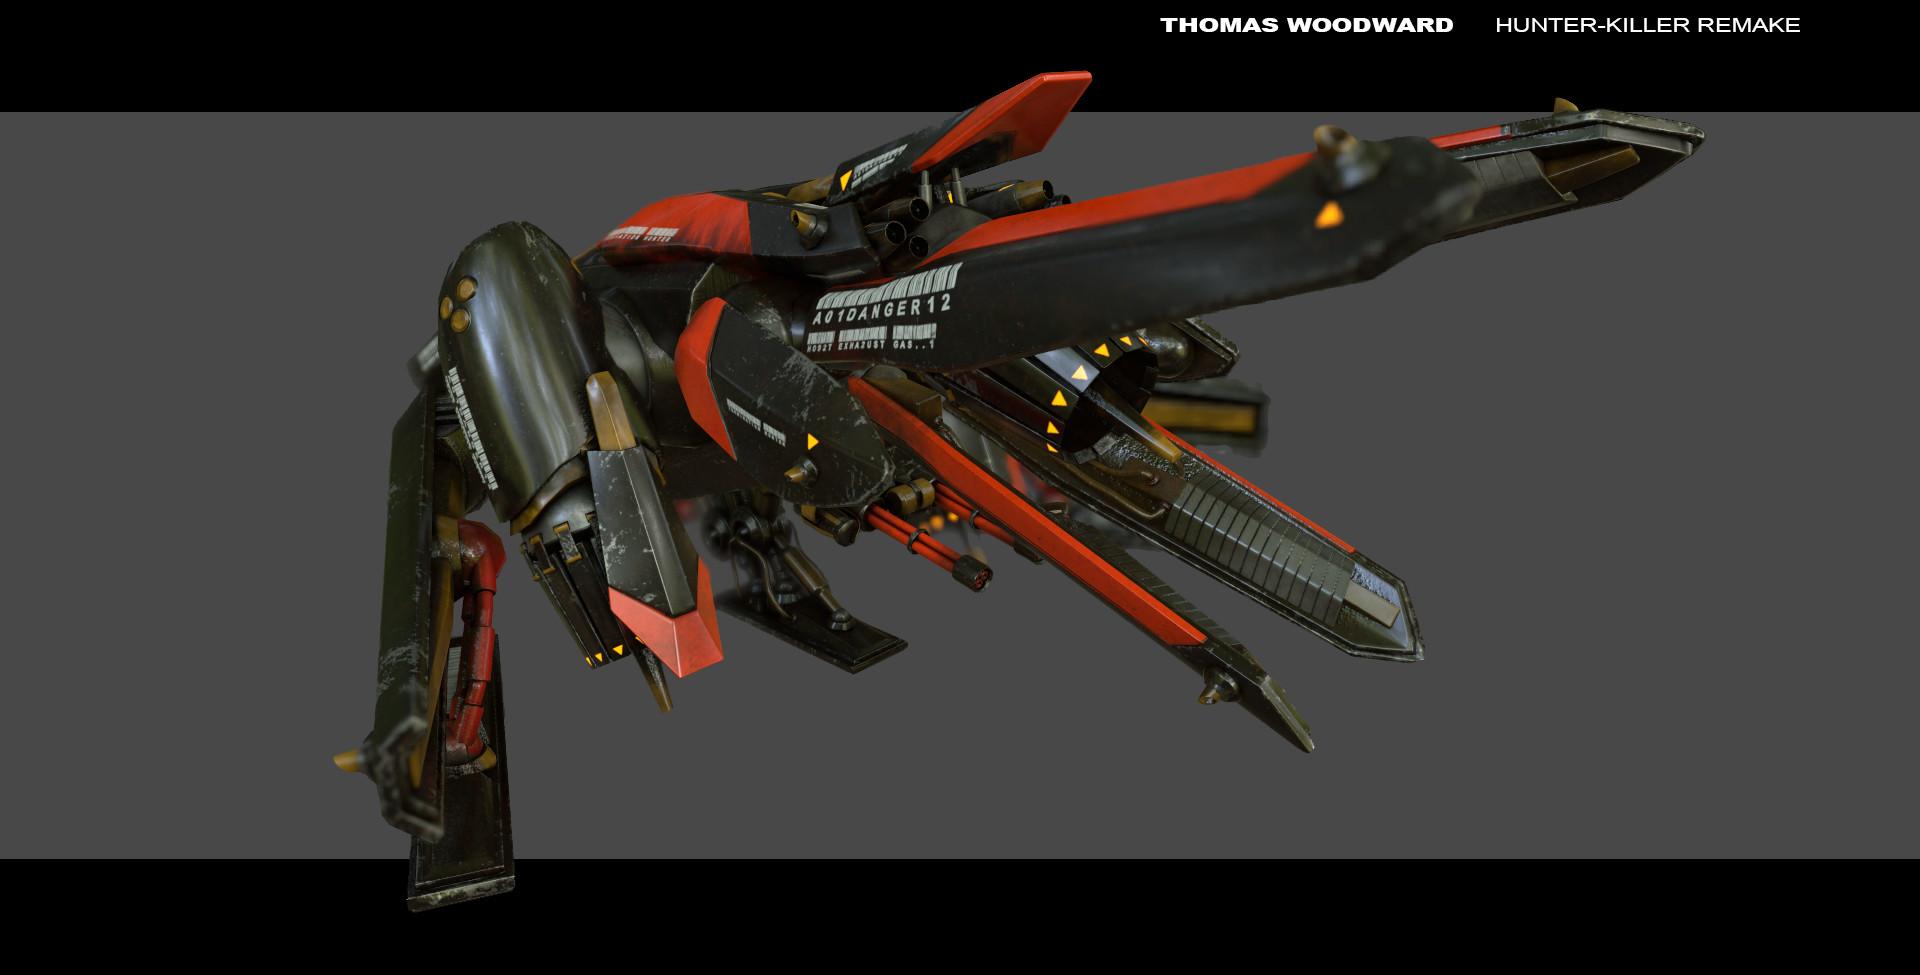 Thomas woodward 03